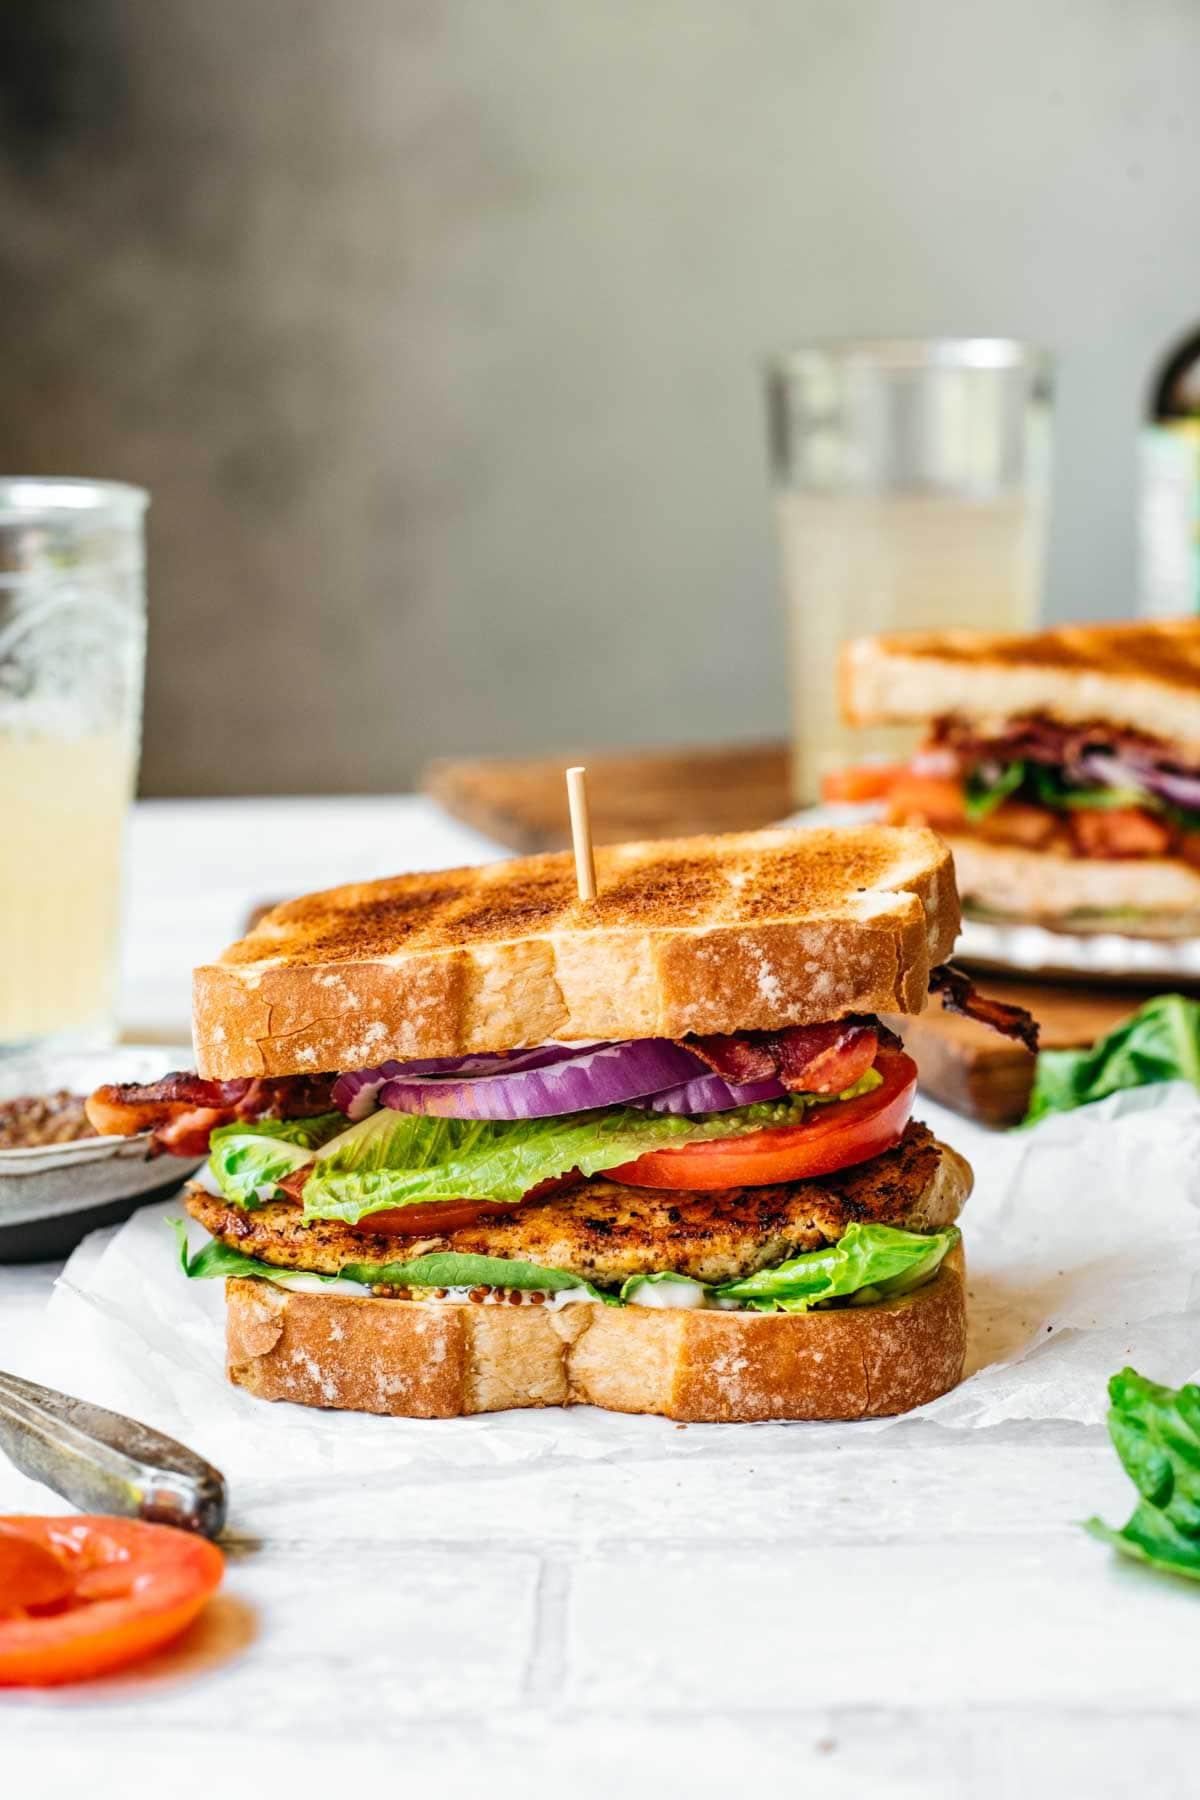 Assembled Grilled Chicken Sandwich